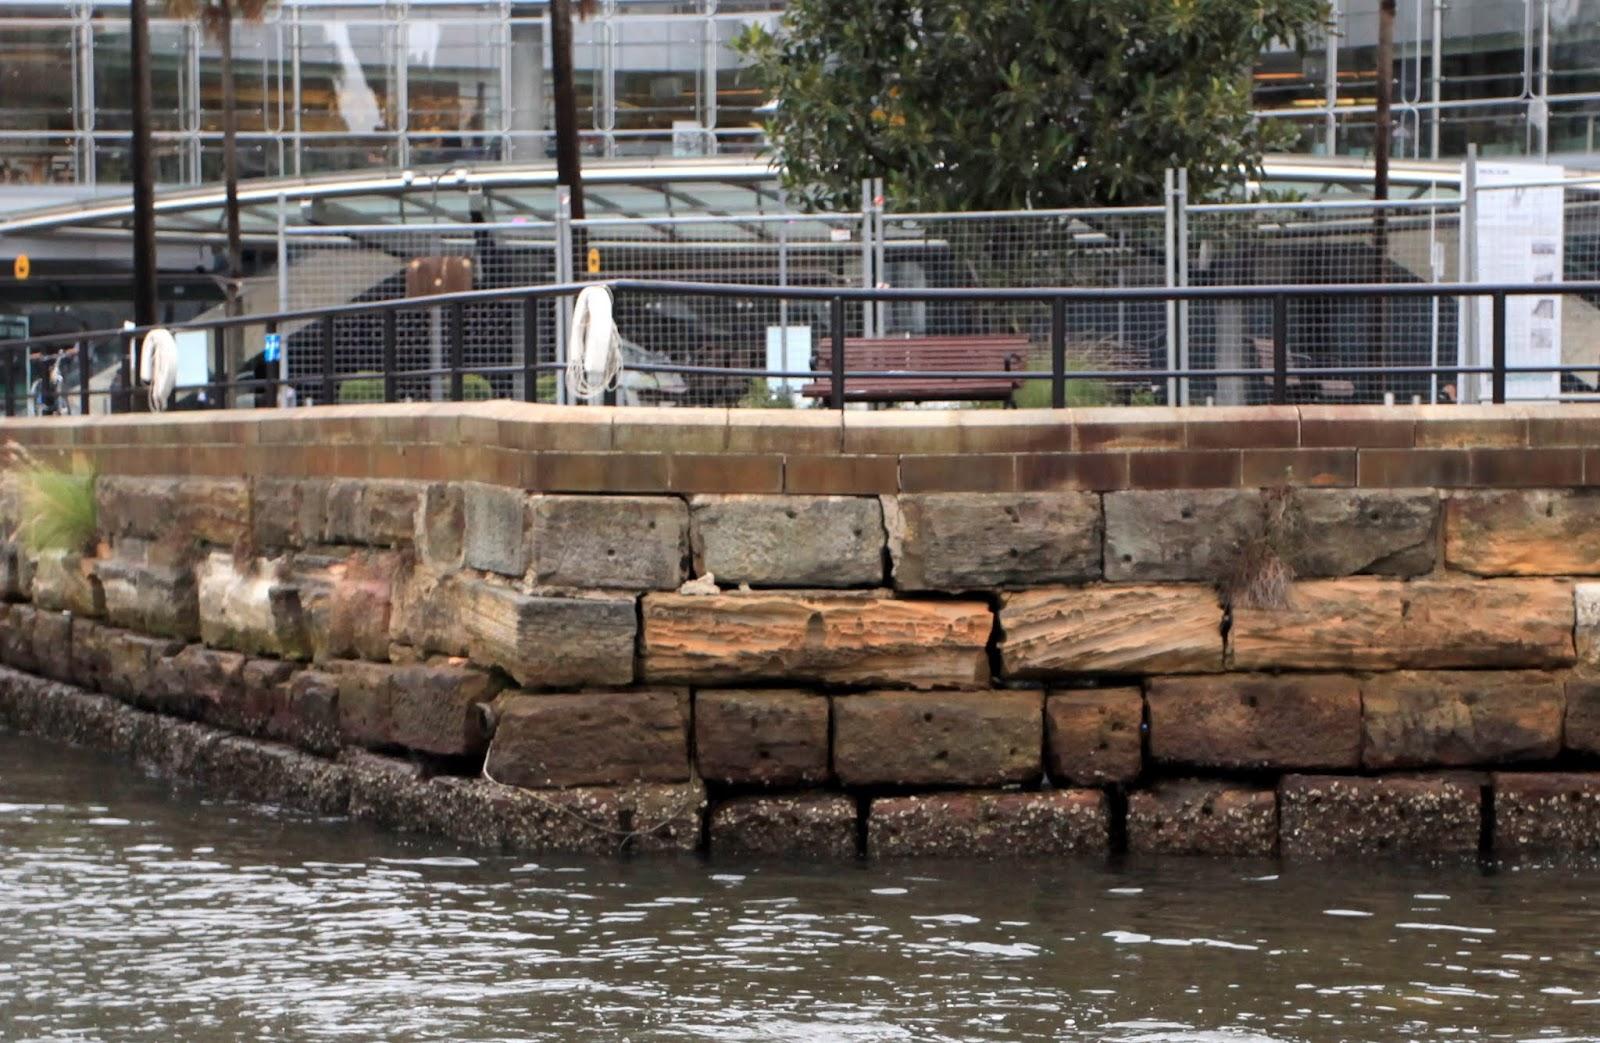 Granite Block Seawall : Sydney eye sandstone seawalls